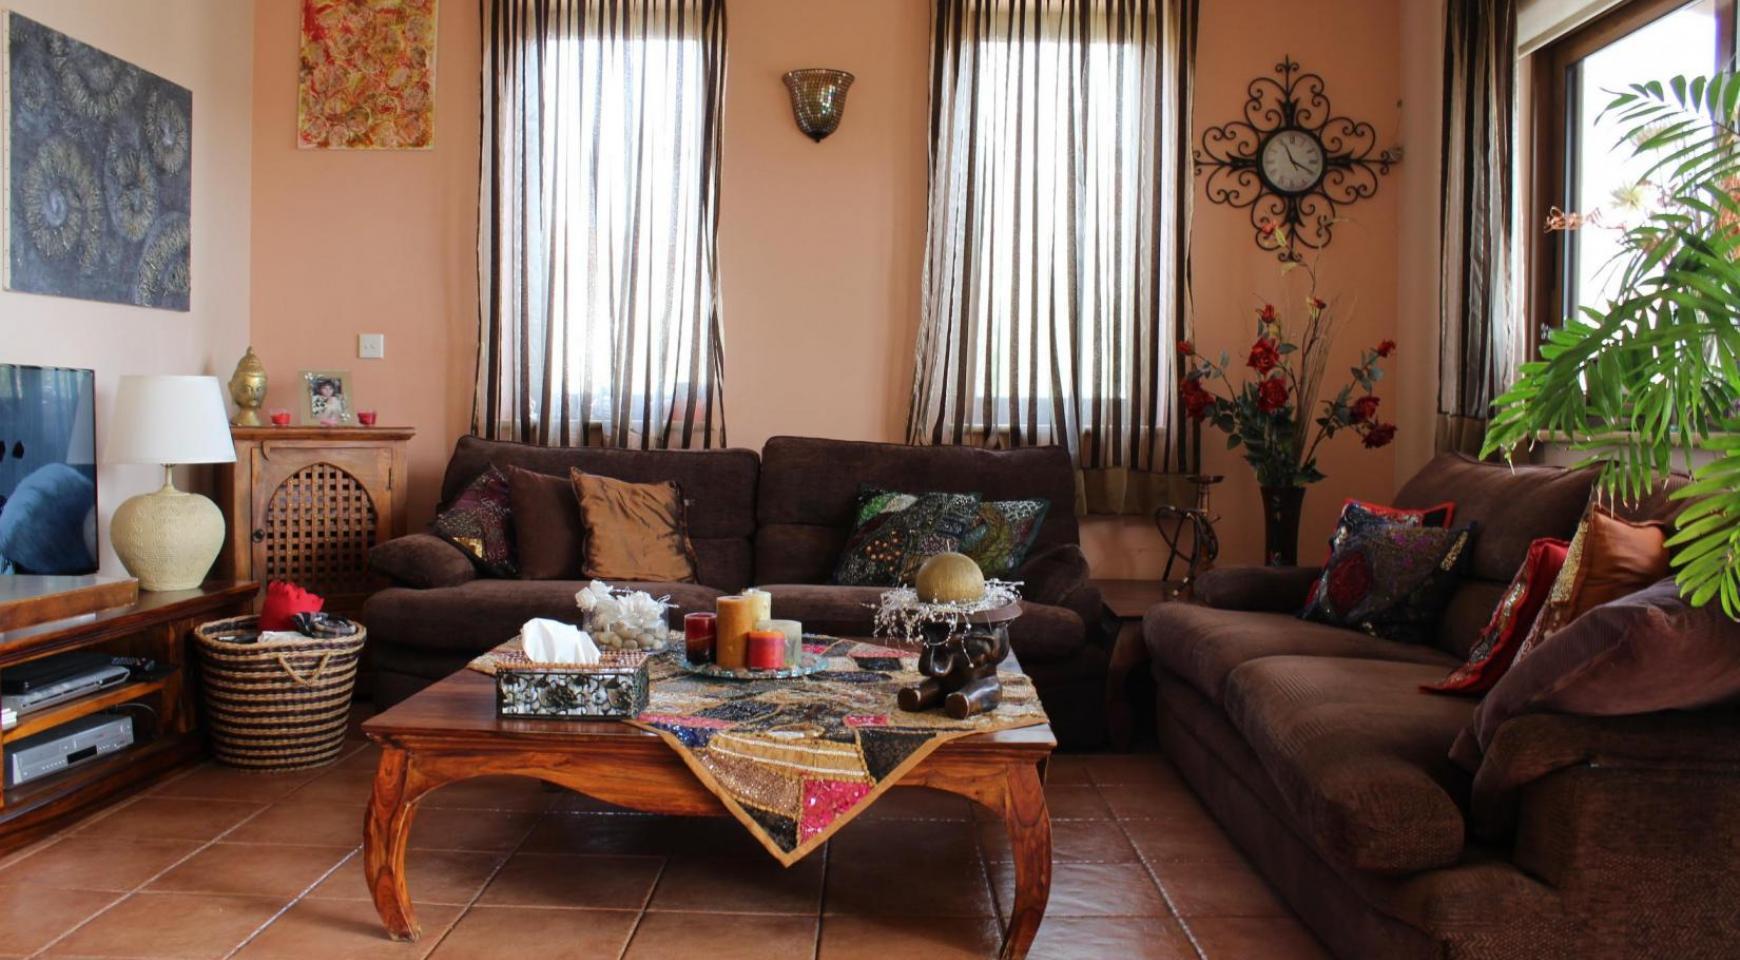 Spacious 5 Bedroom House in Agios Athanasios Area - 5